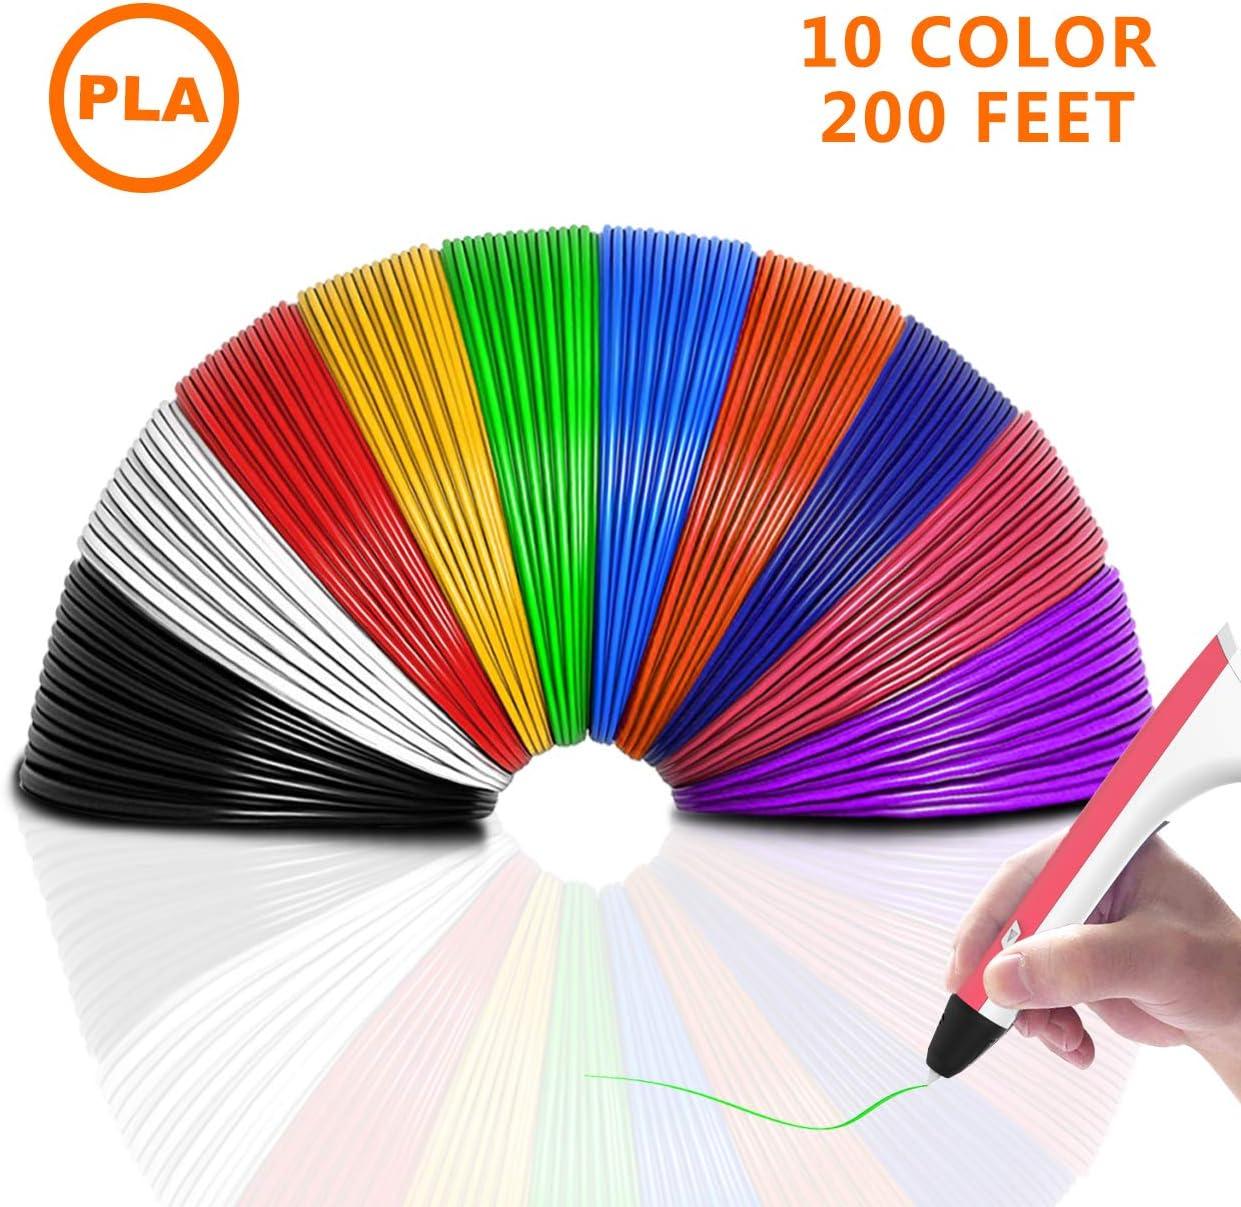 BelleStyle 3D Stylo Impression 3D Stylo pour Enfant Pen Imprimante /à Peindre Impression St/ér/éoscopic Printing Pen avec PLA /& ABS Filament Multi-Couleur pour Artisanat 3D Enfant Cadeaux de No/ël